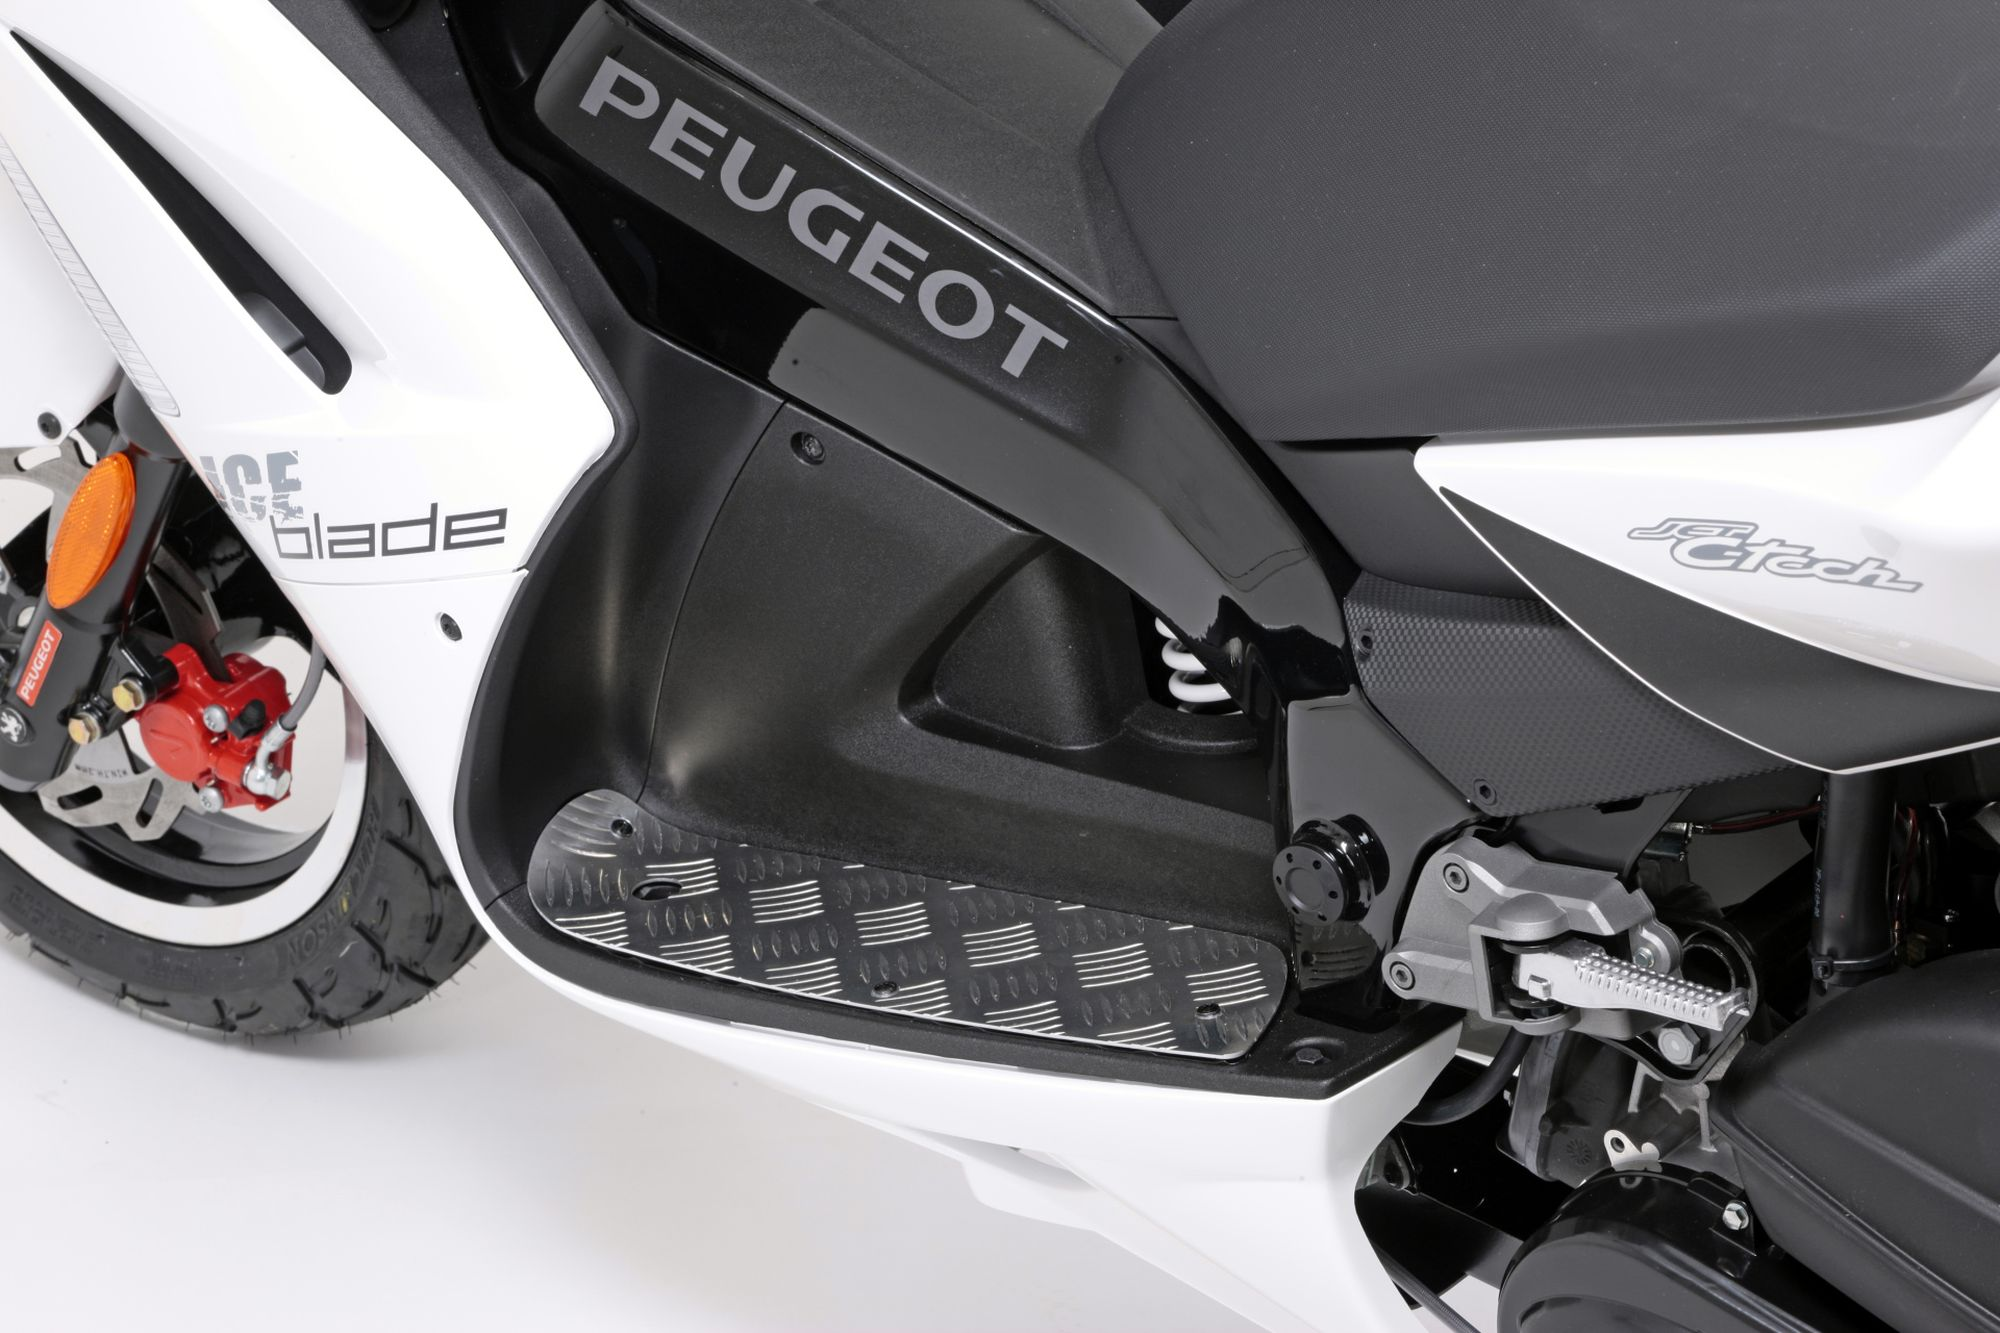 Peugeot Jet Force 50 Iceblade 2018